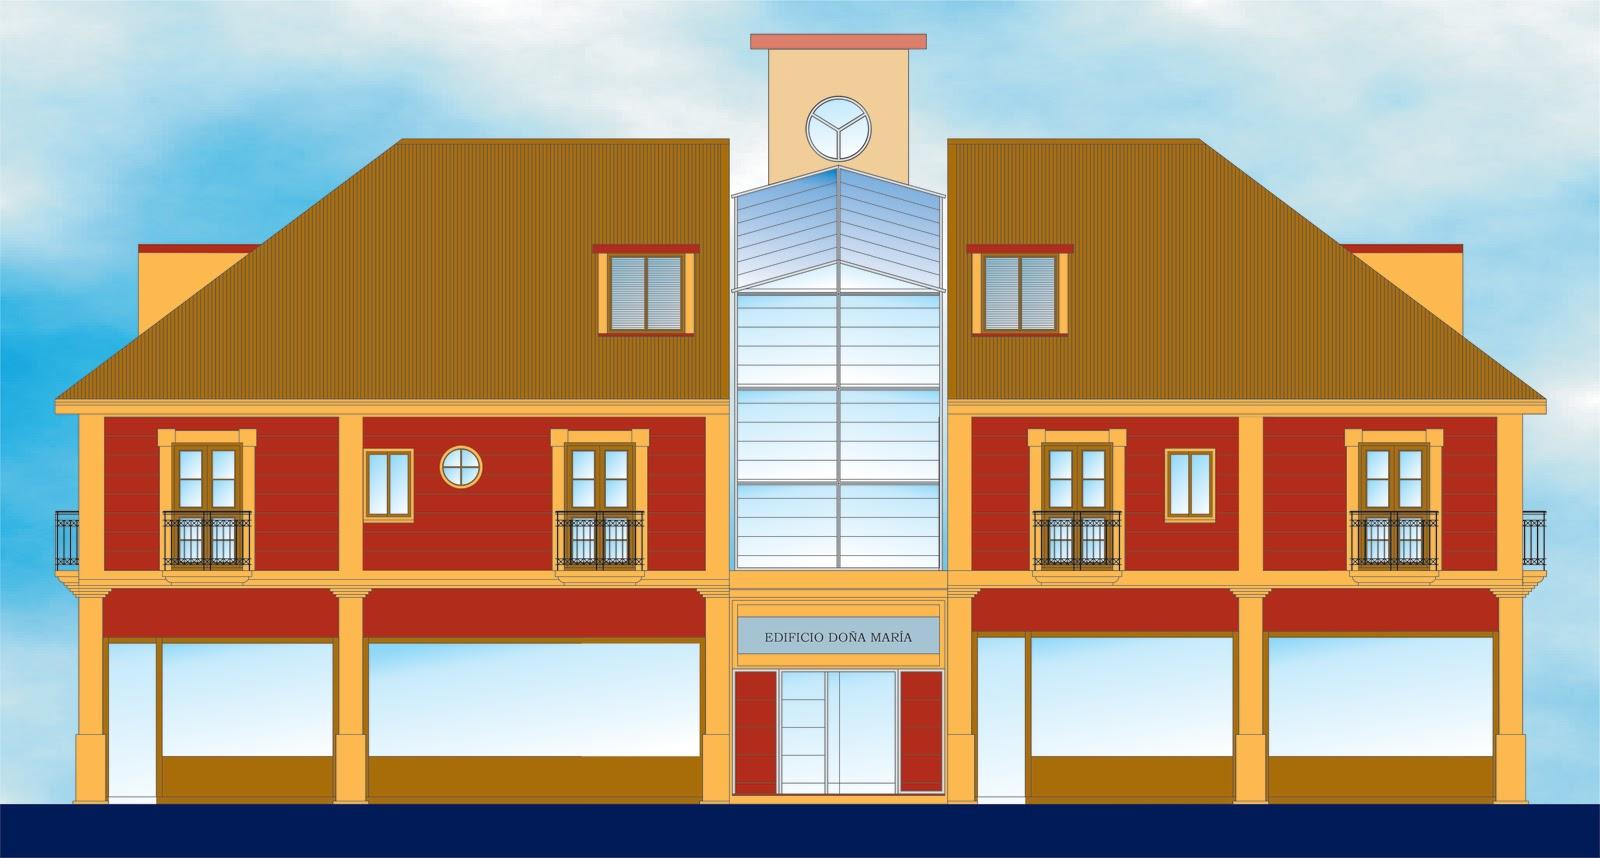 Arquisurlauro promociones edificio plurifamiliar de doce viviendas en duplex locales - Garaje paco ...